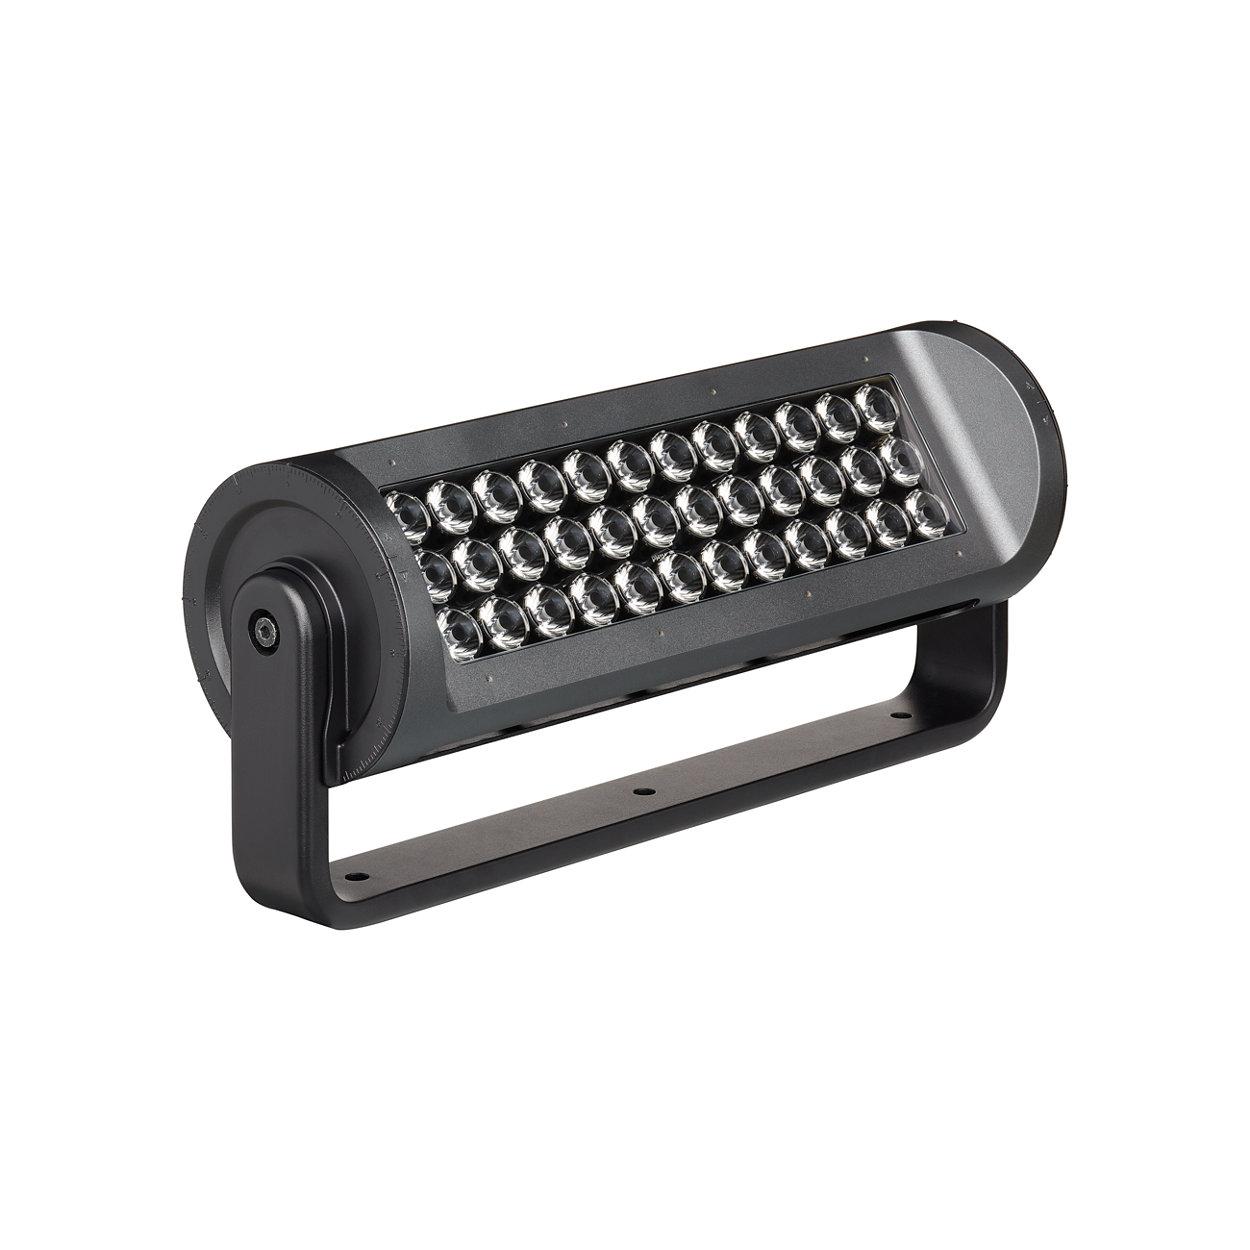 Superieur schijnwerper LED-armatuur met een ver straalbereik voor buiten met Philips IntelliHue-technologie.